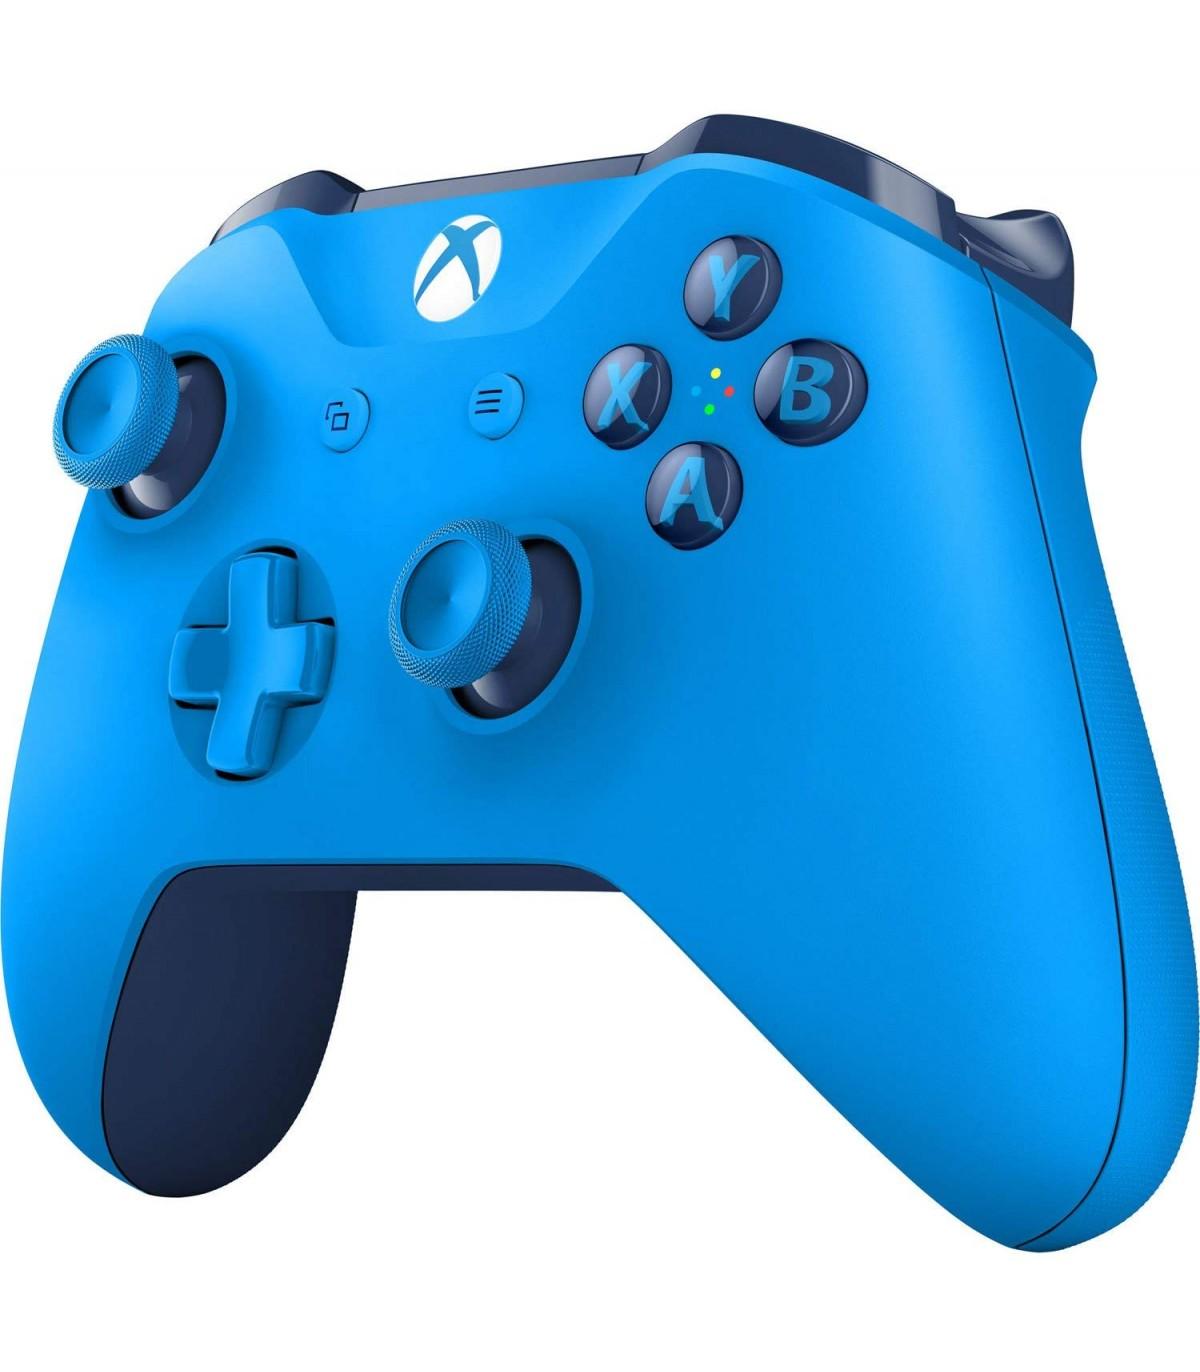 دسته بازی ایکس باکس وان طرح Blue